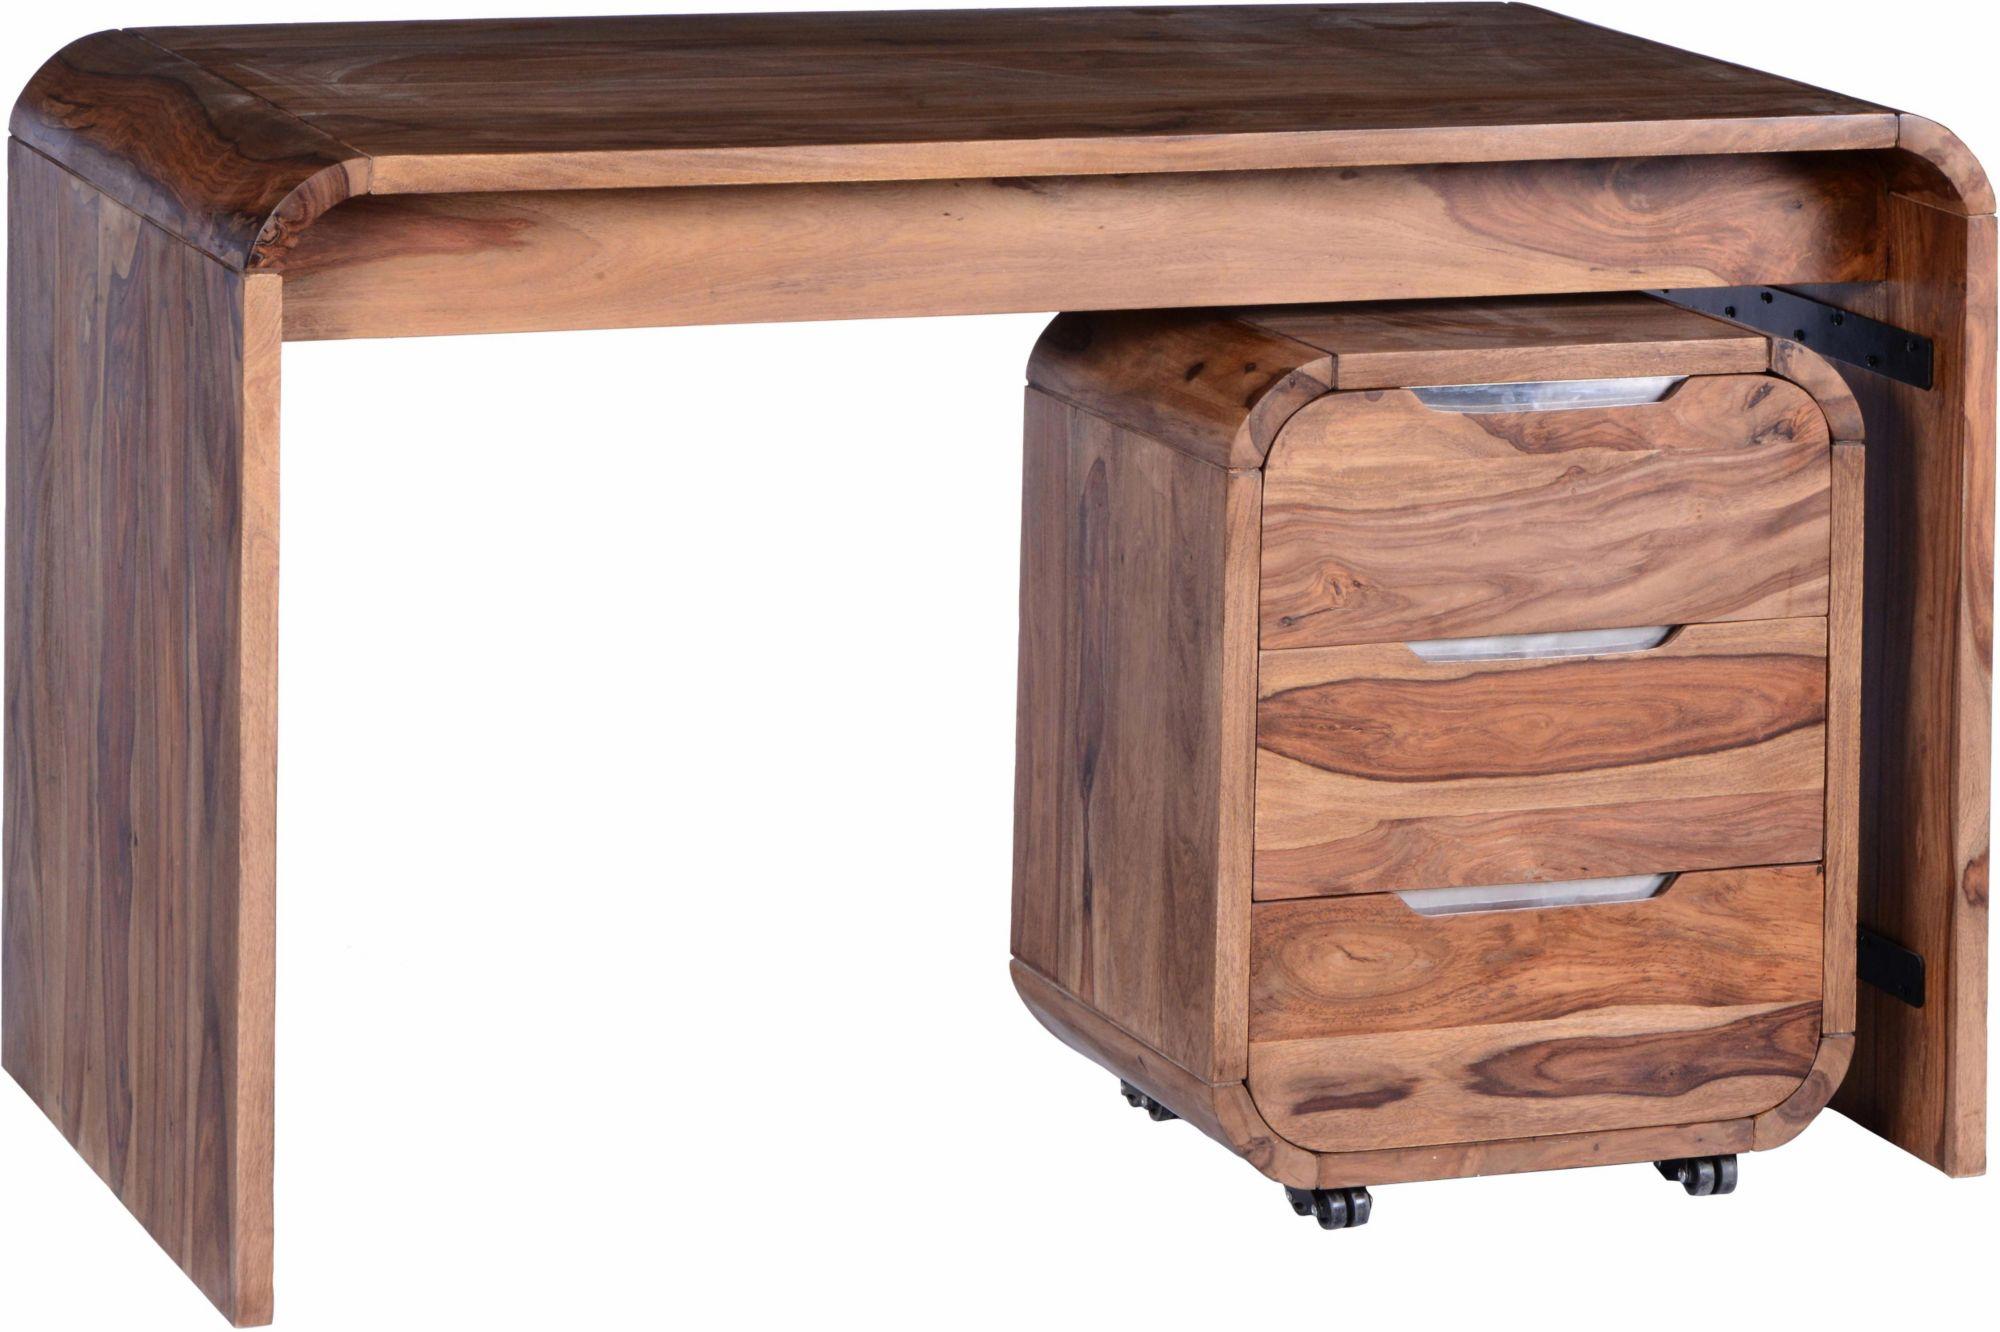 Schreibtisch g nstig online kaufen beim schwab versand for Schreibtisch 1 40 breit